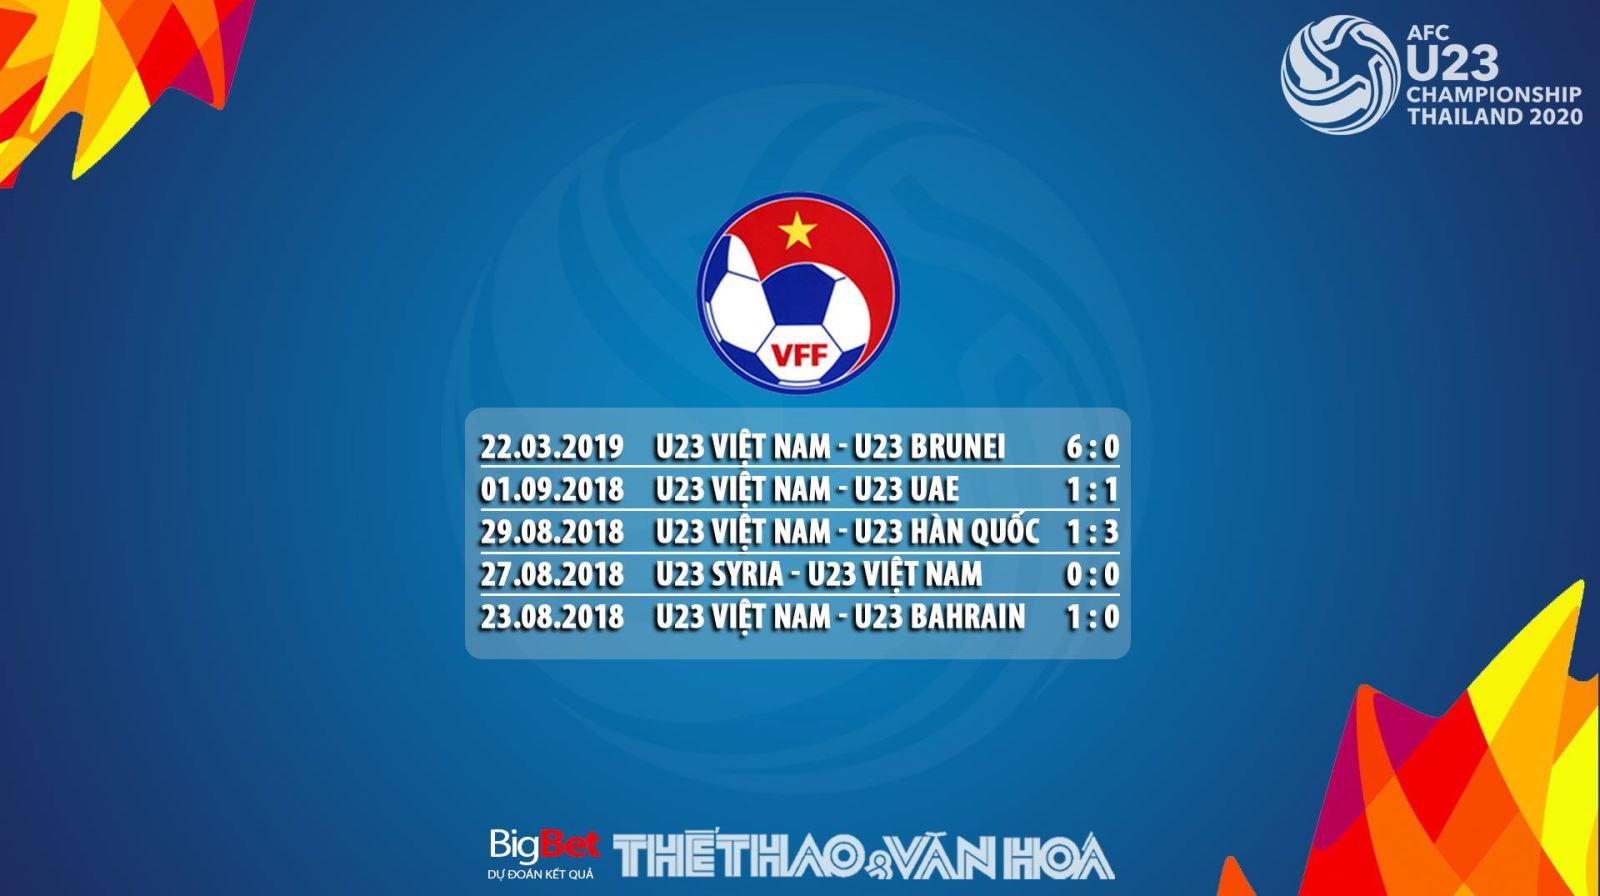 lịch thi đấu vòng loại U23 châu Á, lich thi dau U23 chau A, U23 Việt Nam, kết quả bóng đá U23 Việt Nam, truc tiep bong da, xem U23 châu Á, VTC3, VTV5, VTC1, VTV6, VOV